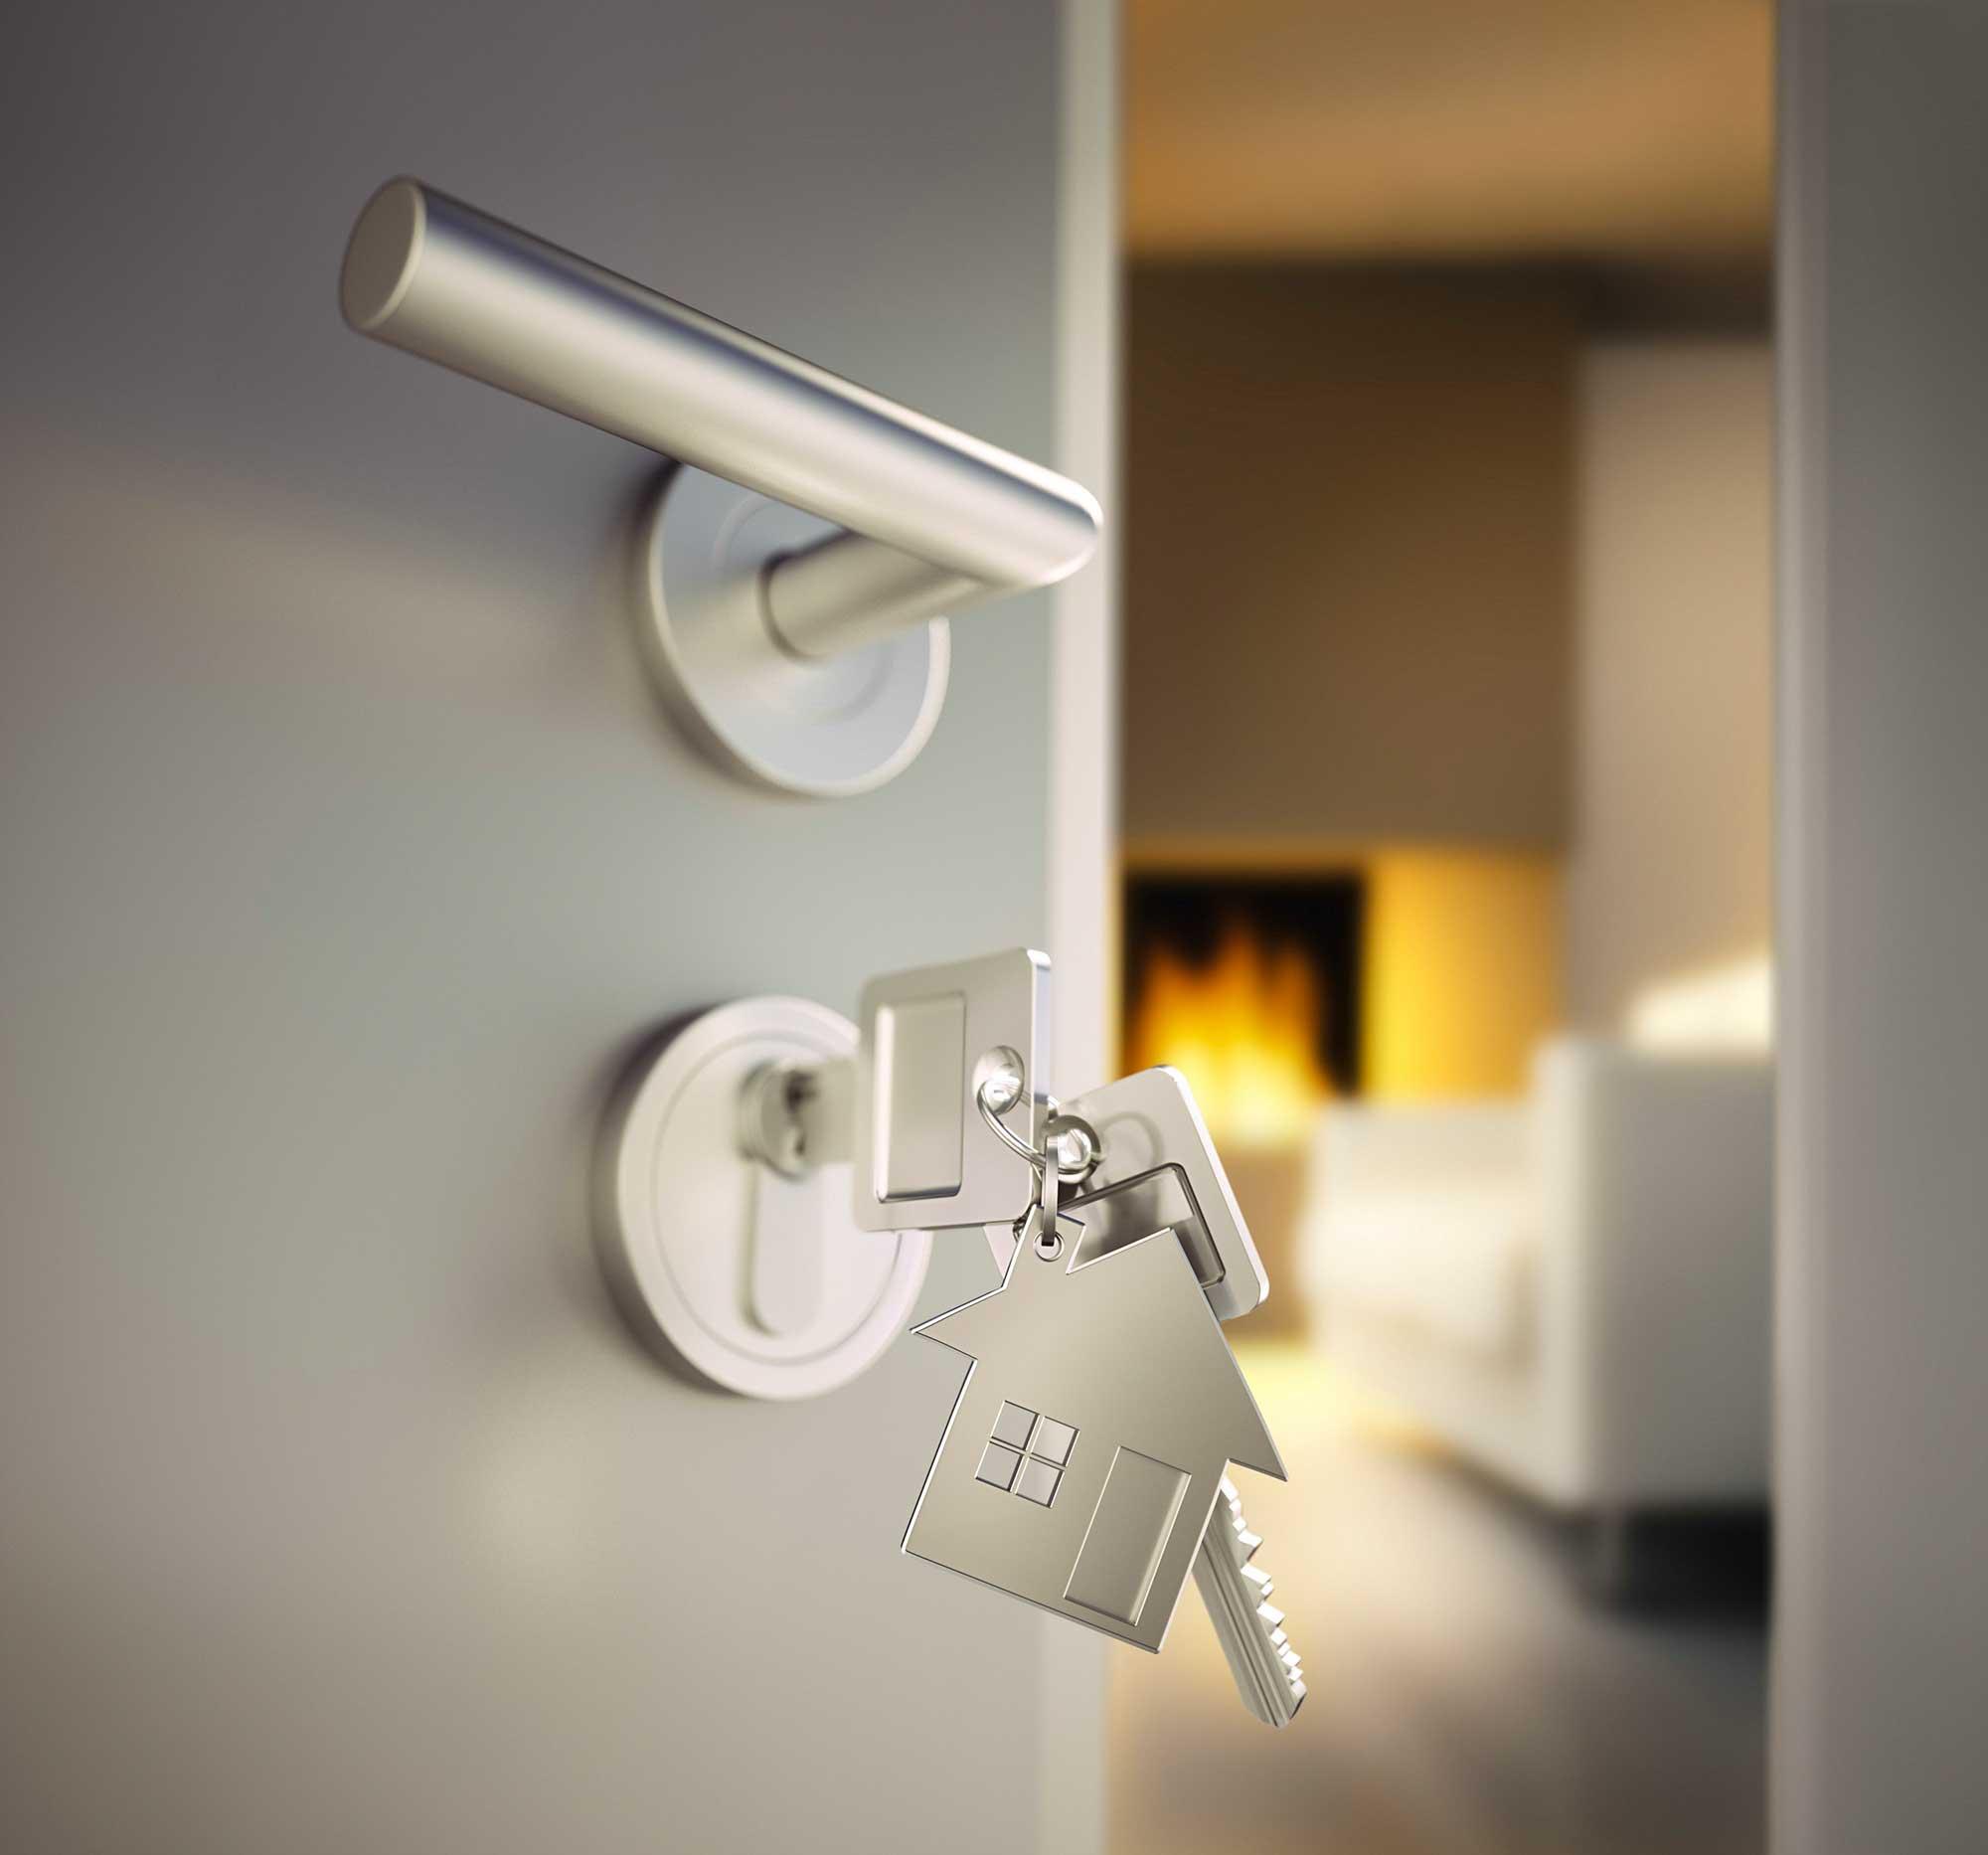 Schlüssel in Wohnungstür